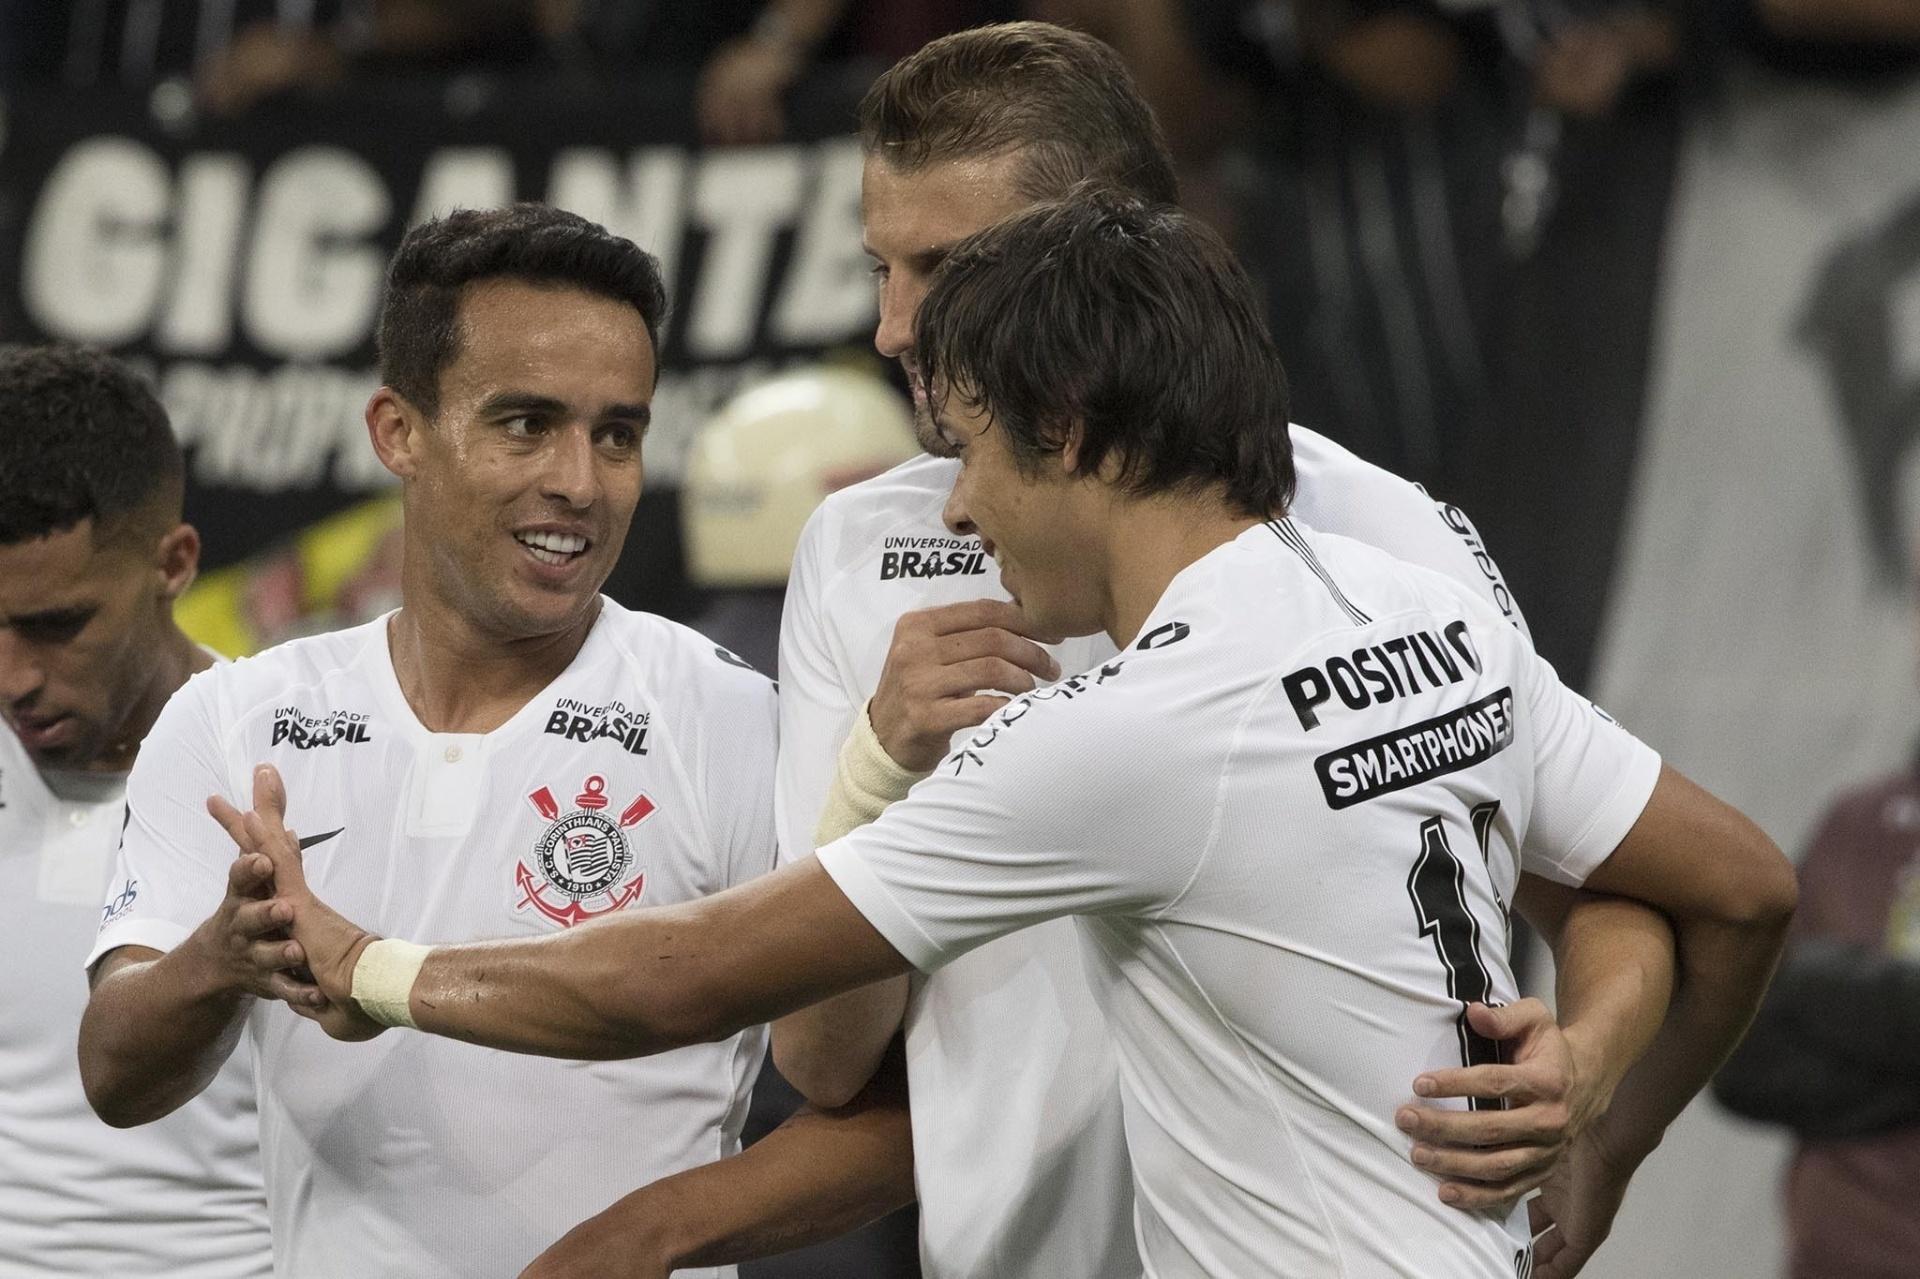 Corinthians bate Vitória com dois de Romero e vai às quartas da Copa do BR  - 10 05 2018 - UOL Esporte 09fb46337a476